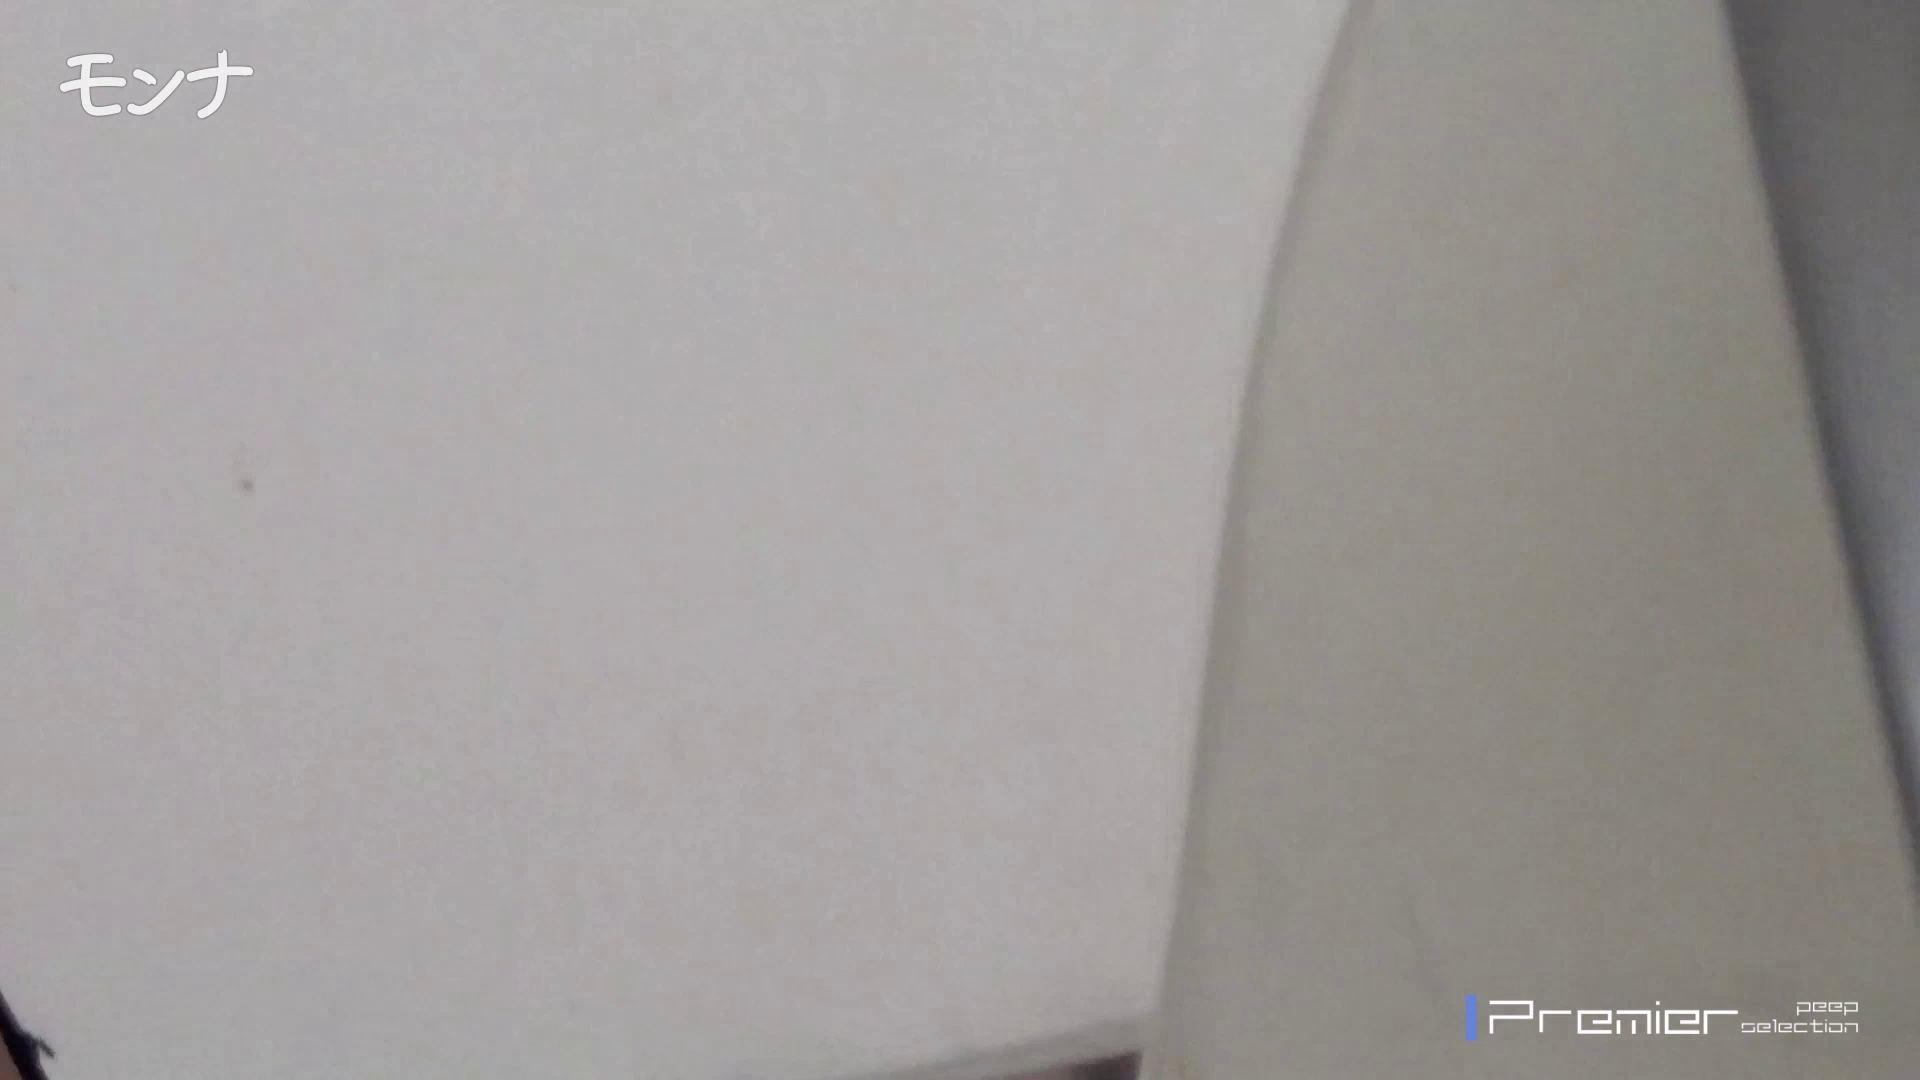 美しい日本の未来 No.54 眼鏡清楚美女特集 美女 エロ画像 94画像 71